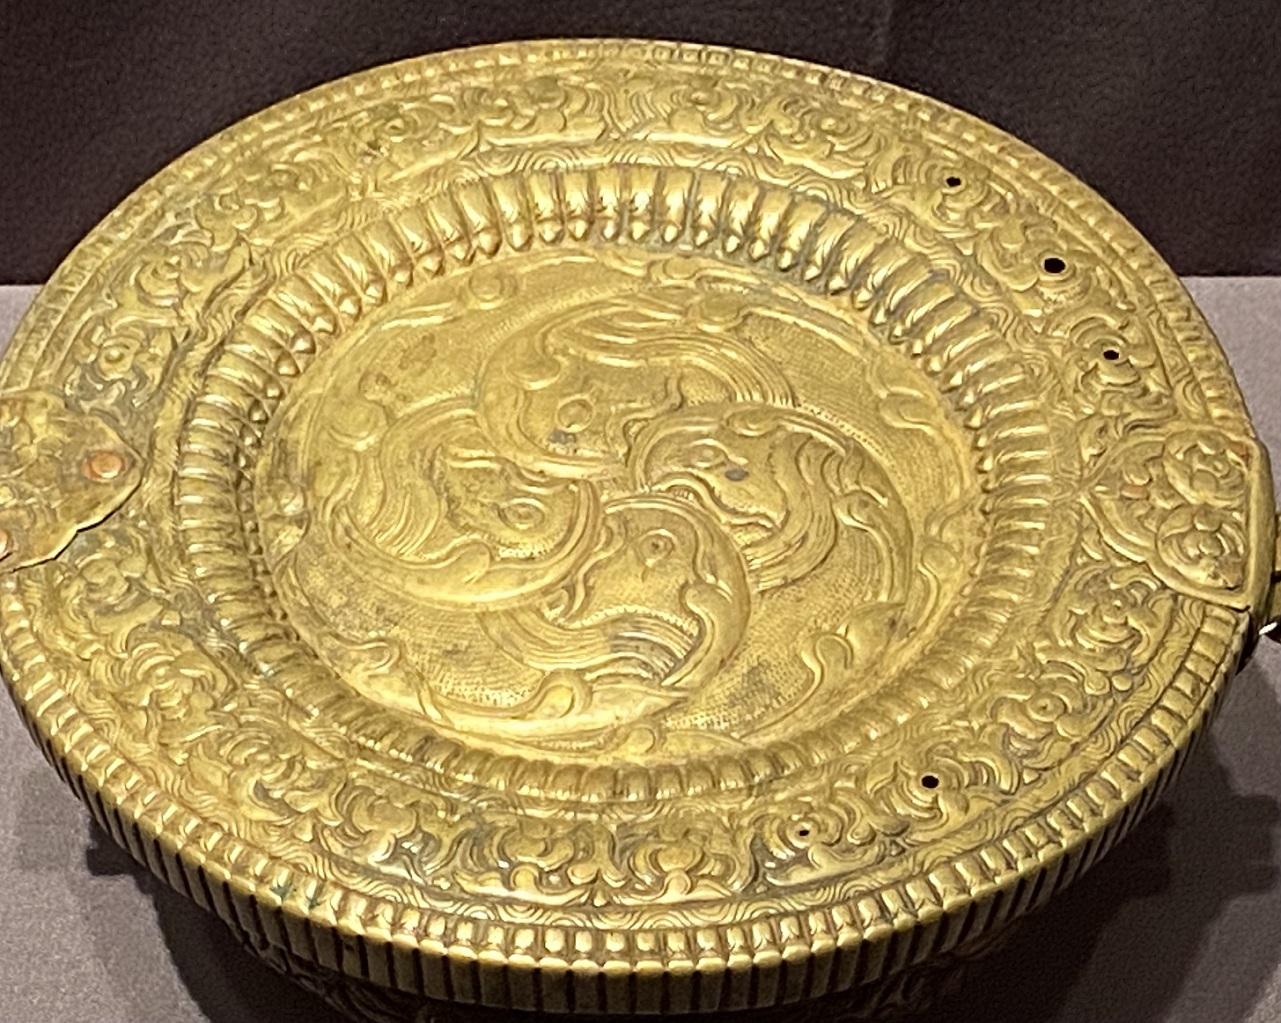 銀鎏金龍紋碗套 -特別展【七宝玲瓏-ヒマラヤからの芸術珍品】-金沙遺跡博物館-成都